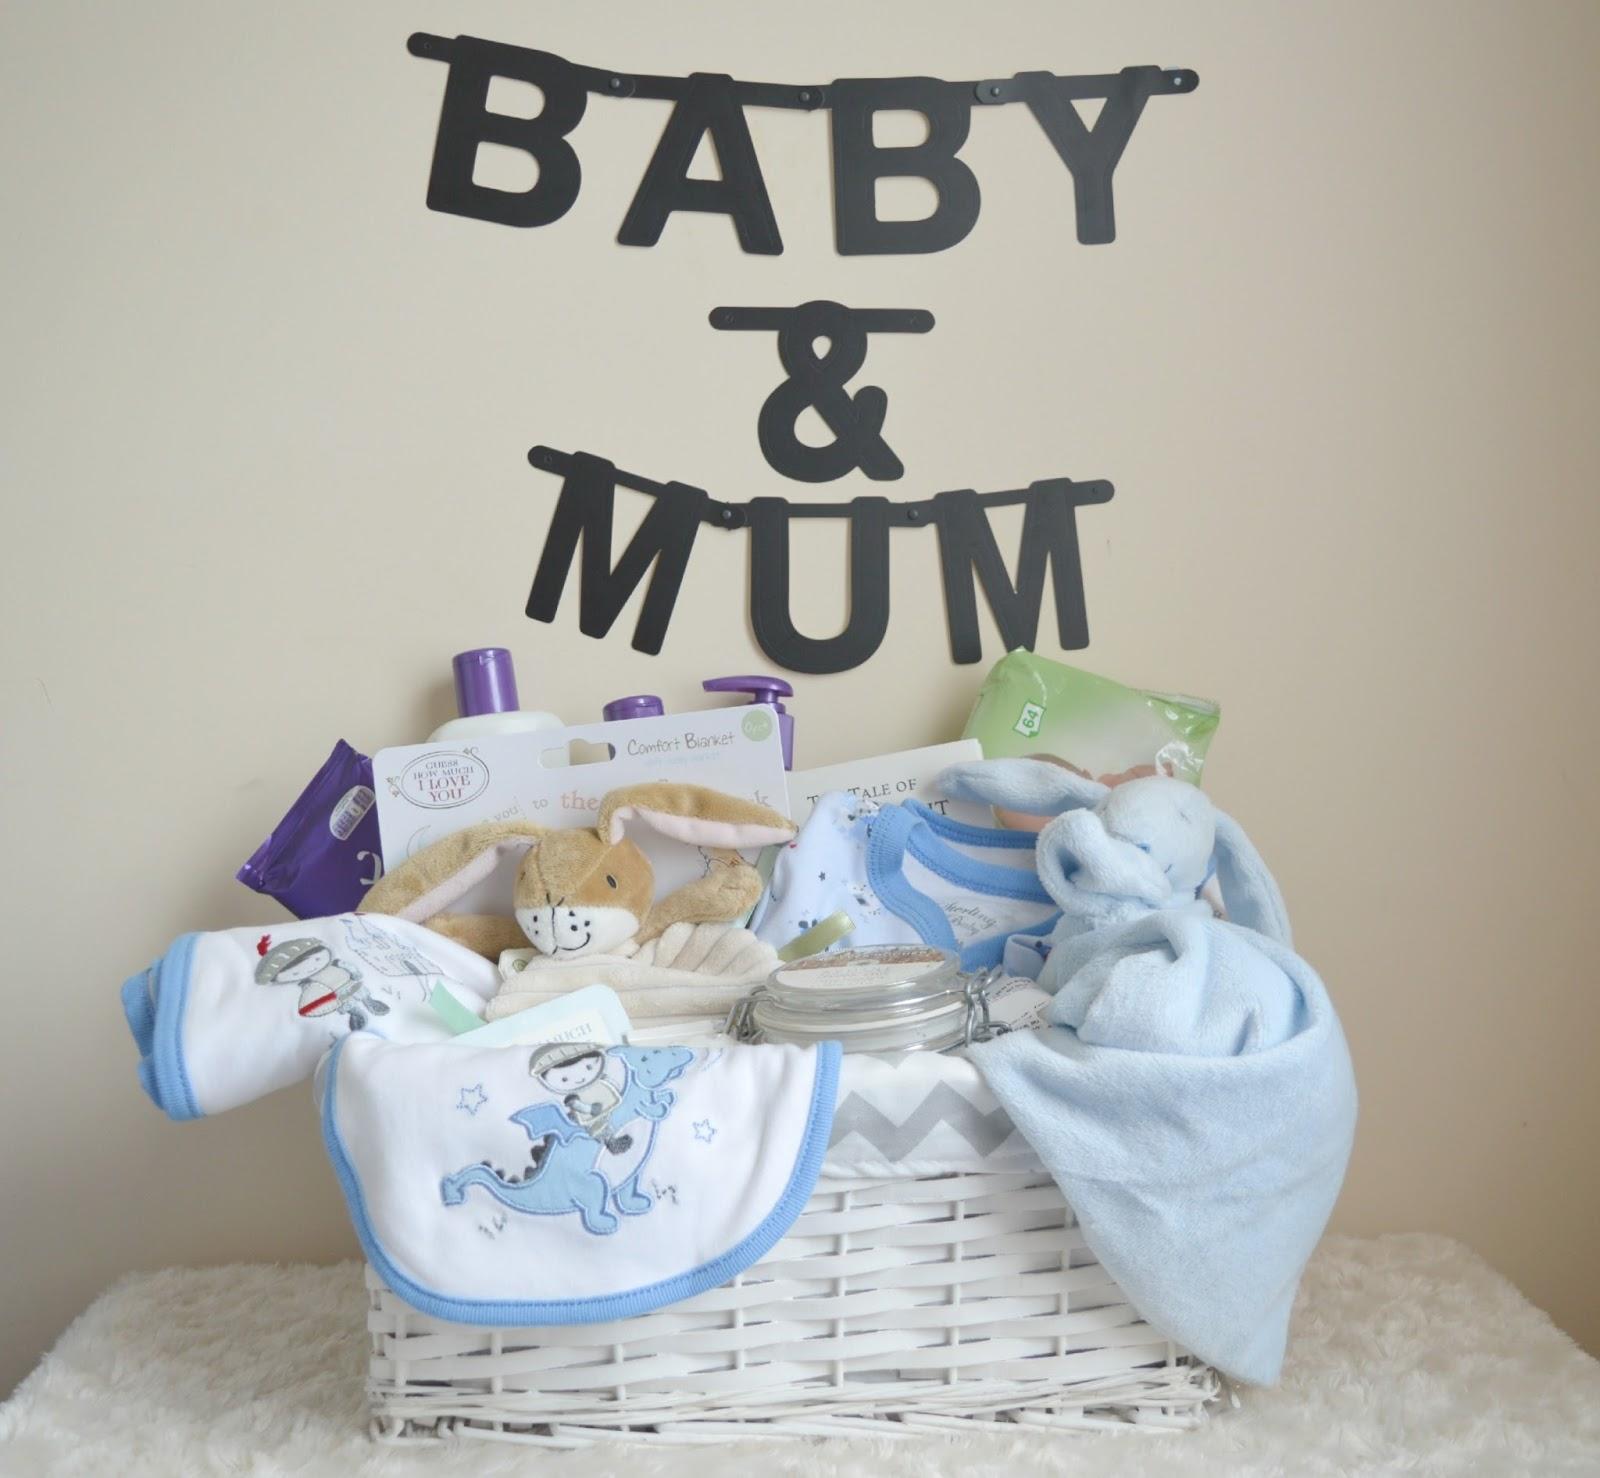 Baby Gift For Mum : New baby mum gift basket dolly dowsie